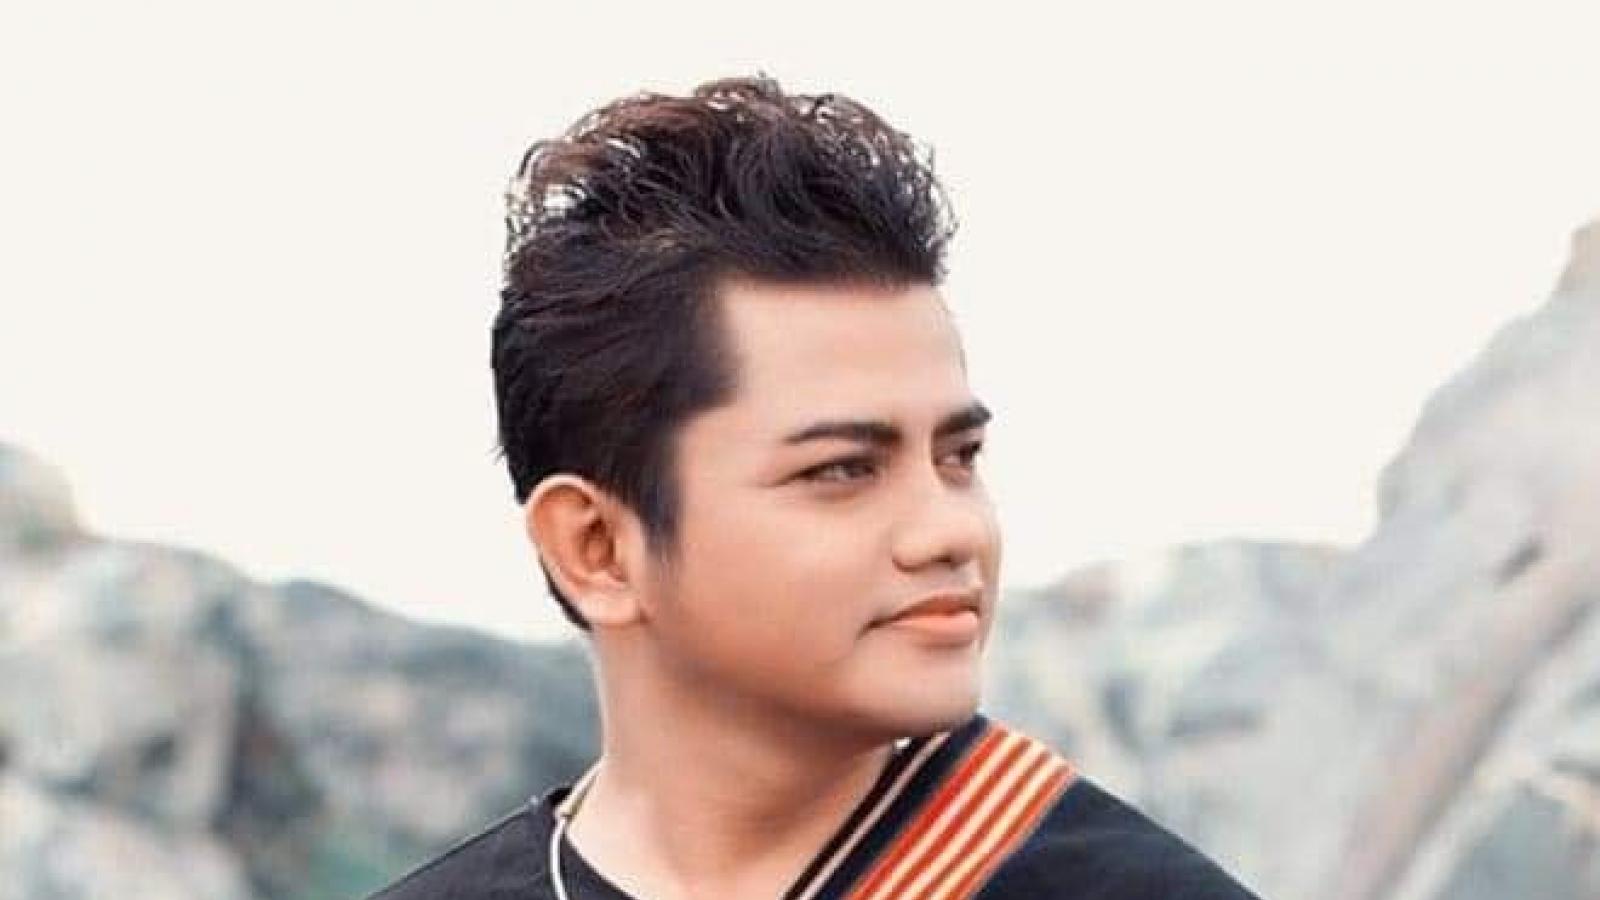 Ca sĩ Y Jang Tuyn qua đời vì Covid-19, hưởng dương 42 tuổi